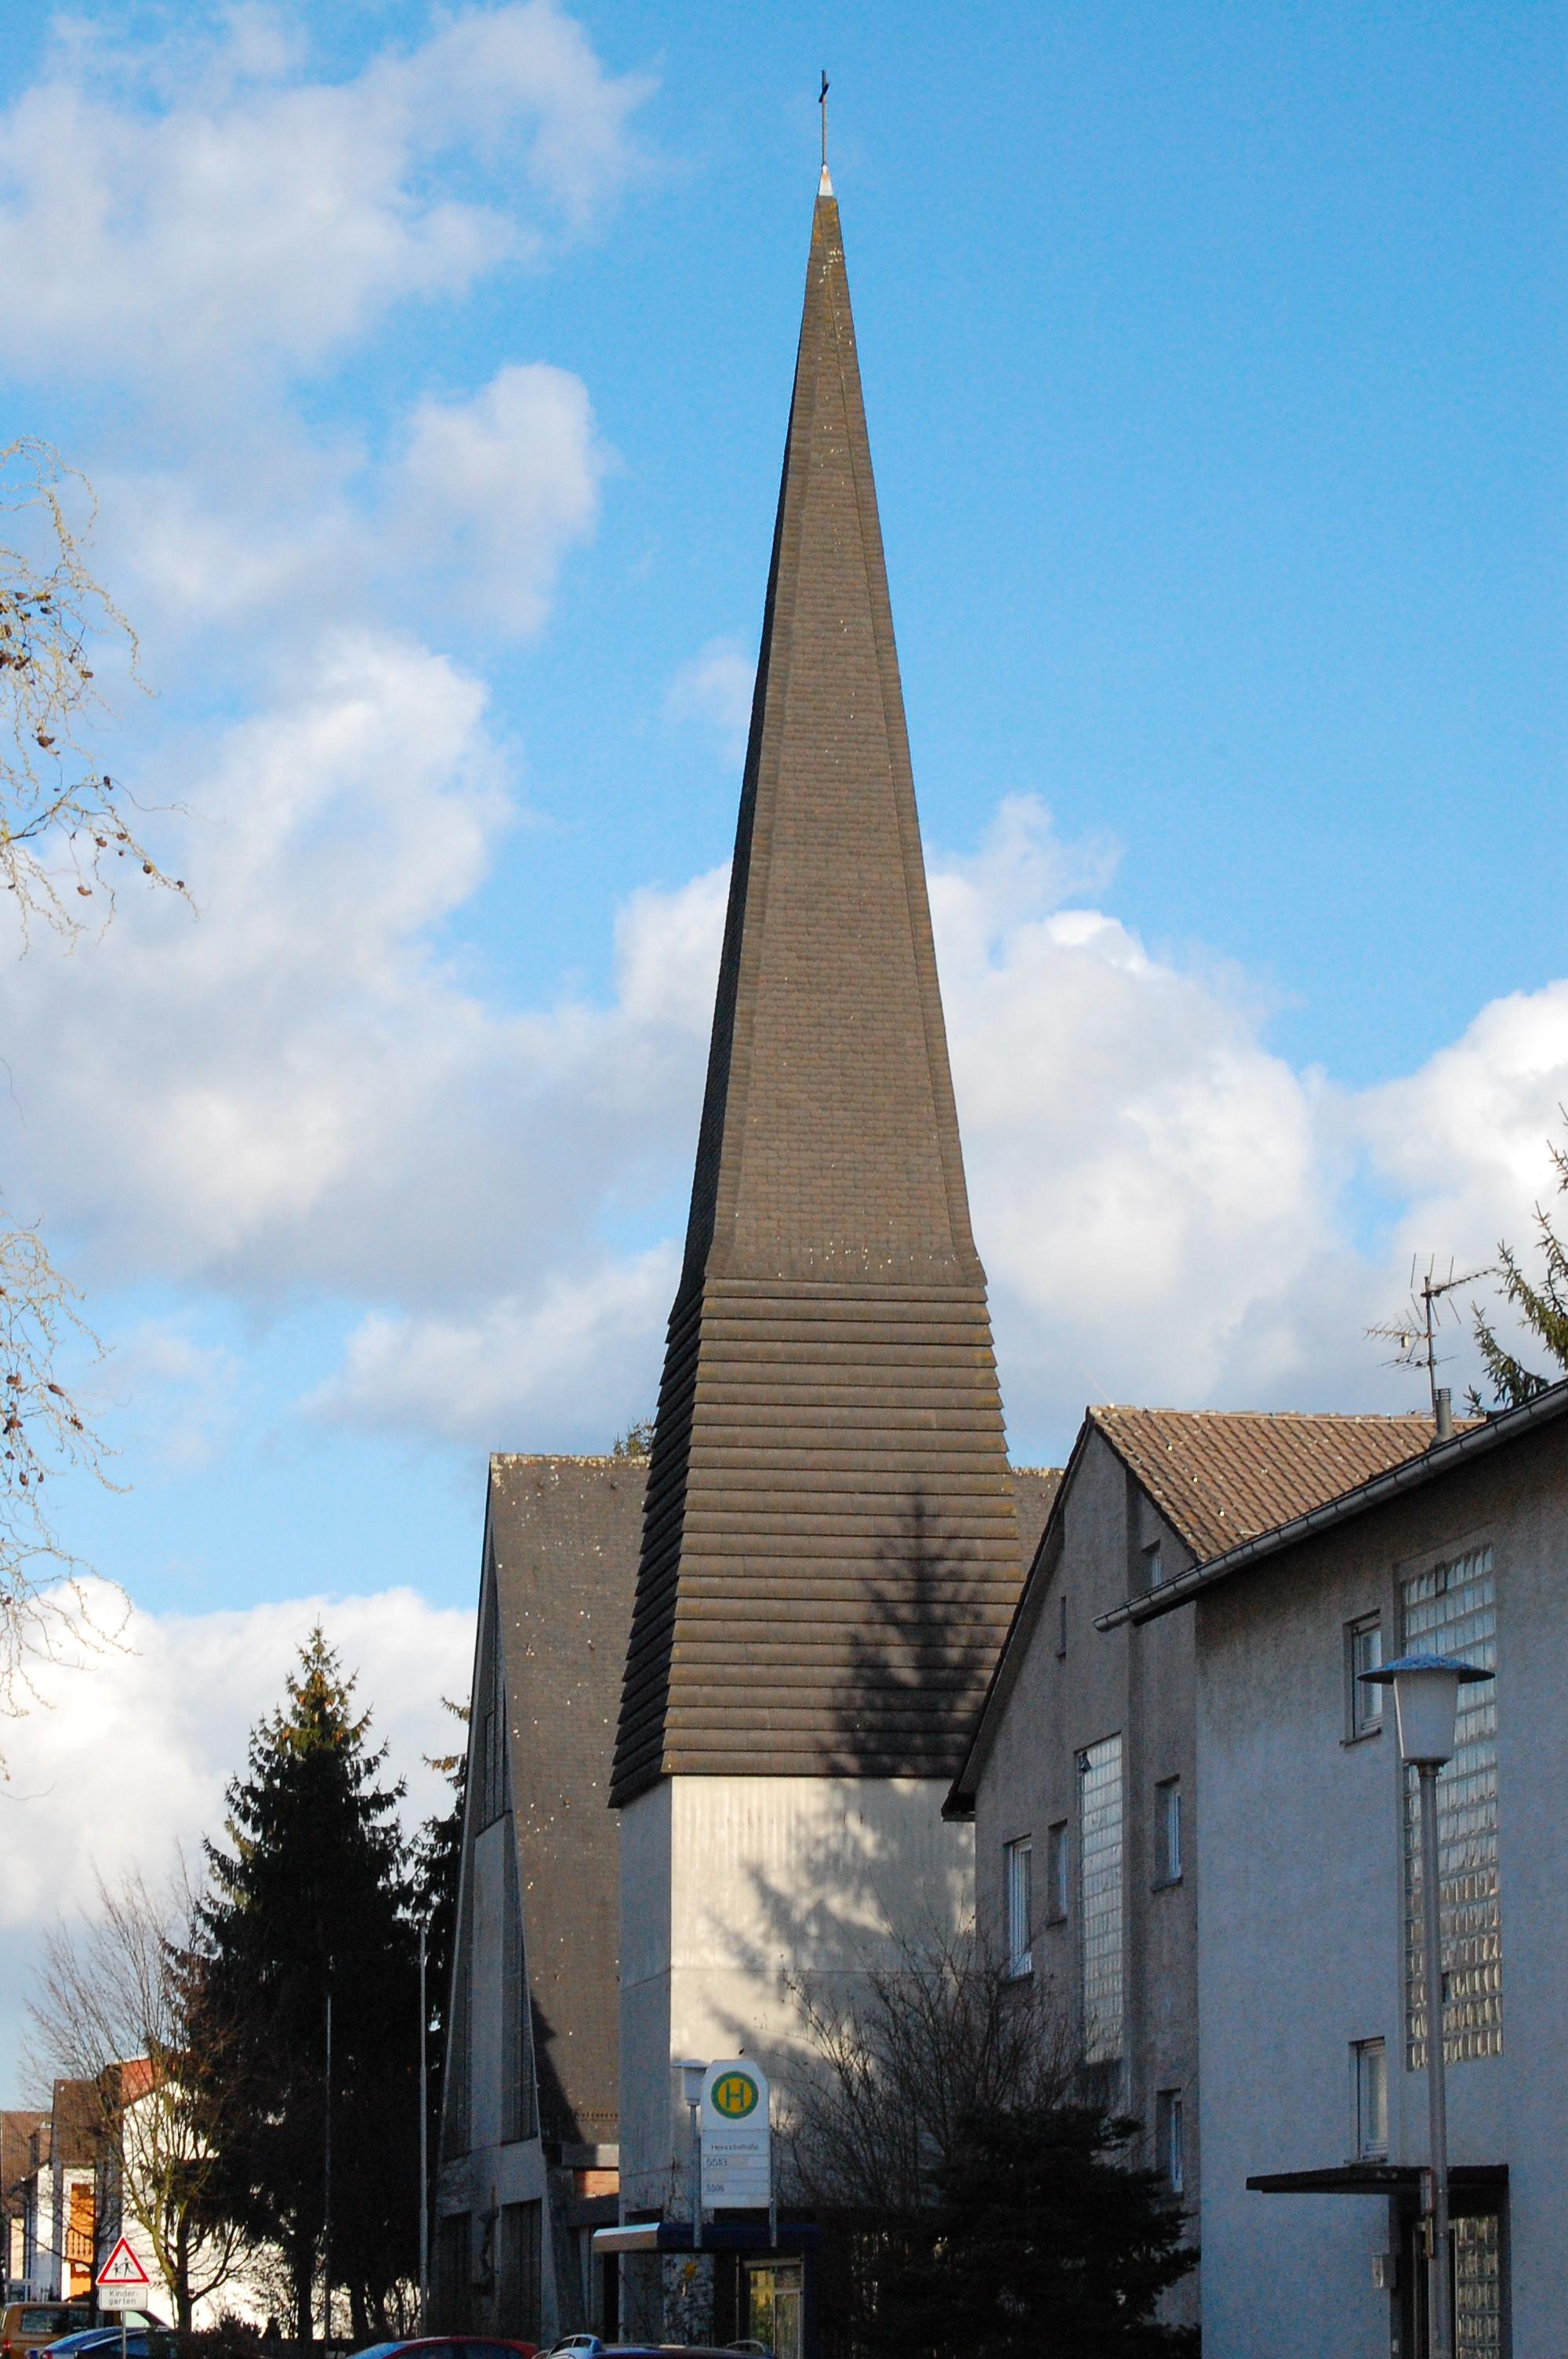 ファイル:Kirche-Weiterstadt-Kath.jpg - Wikipedia